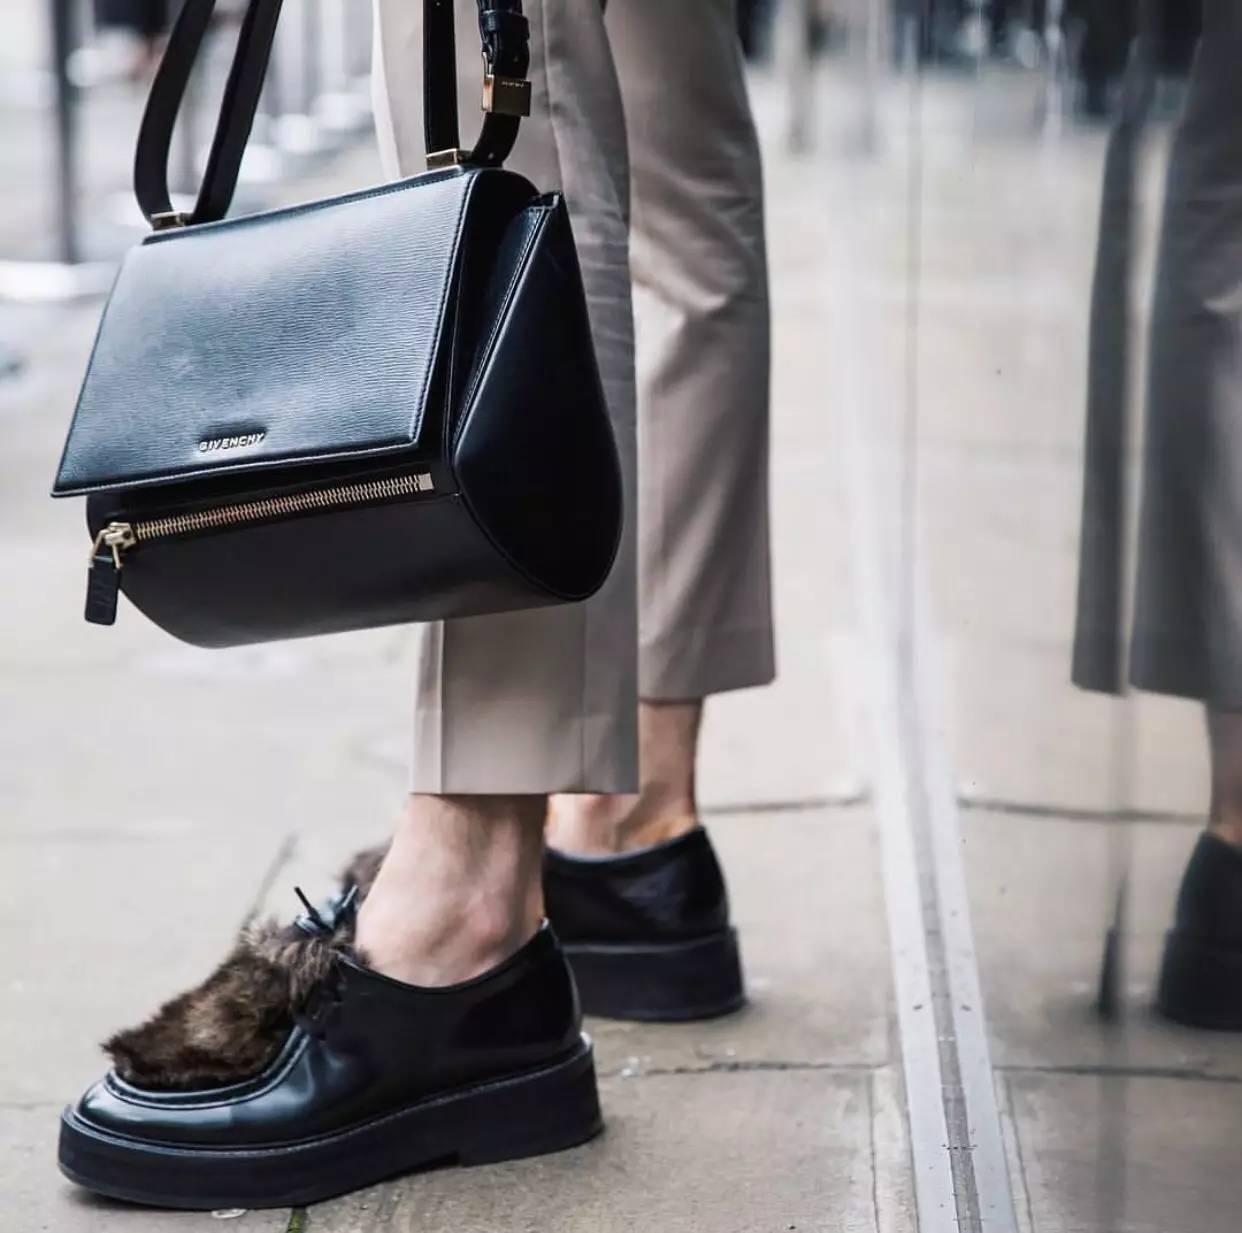 男人背小包真的就很娘吗?男士也很流行背小包 男士时尚 图21